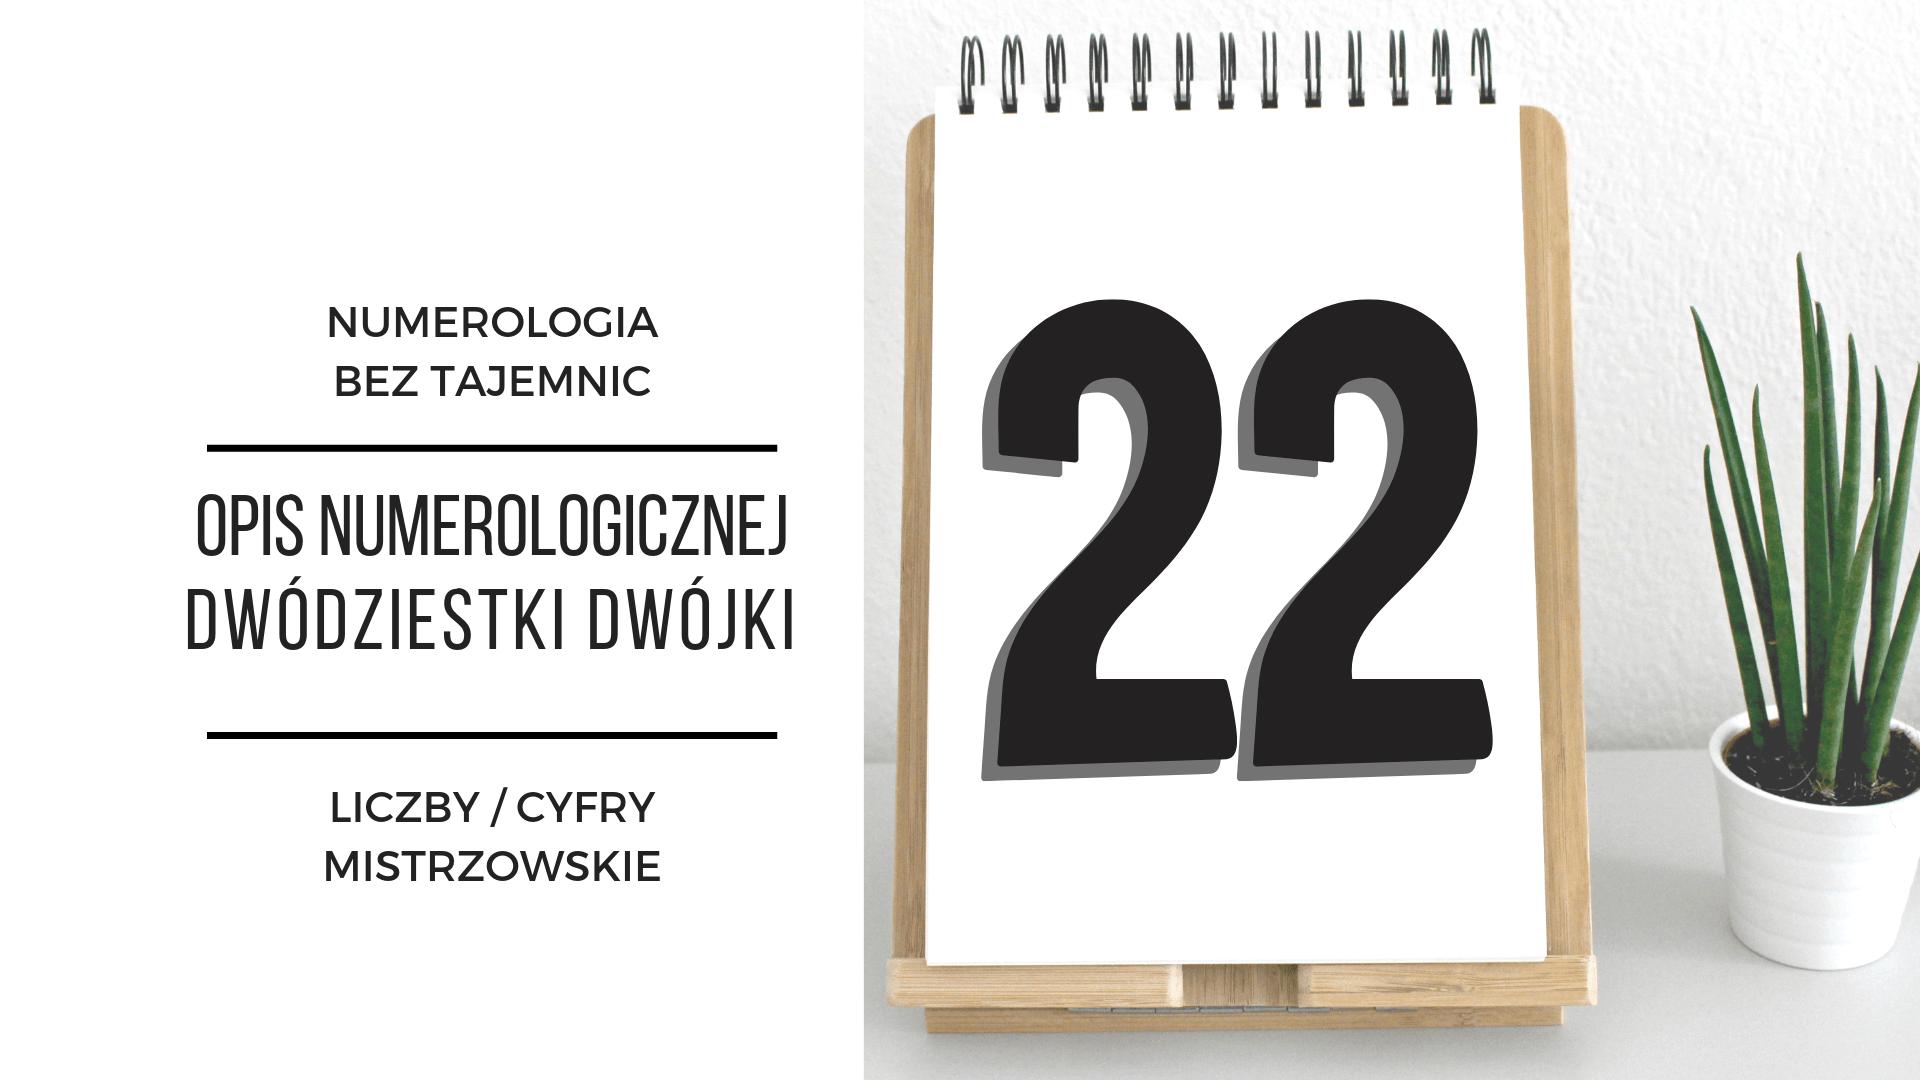 Numerologia 22 – opis numerologicznej dwudziestki dwójki – cyfry mistrzowskie 2